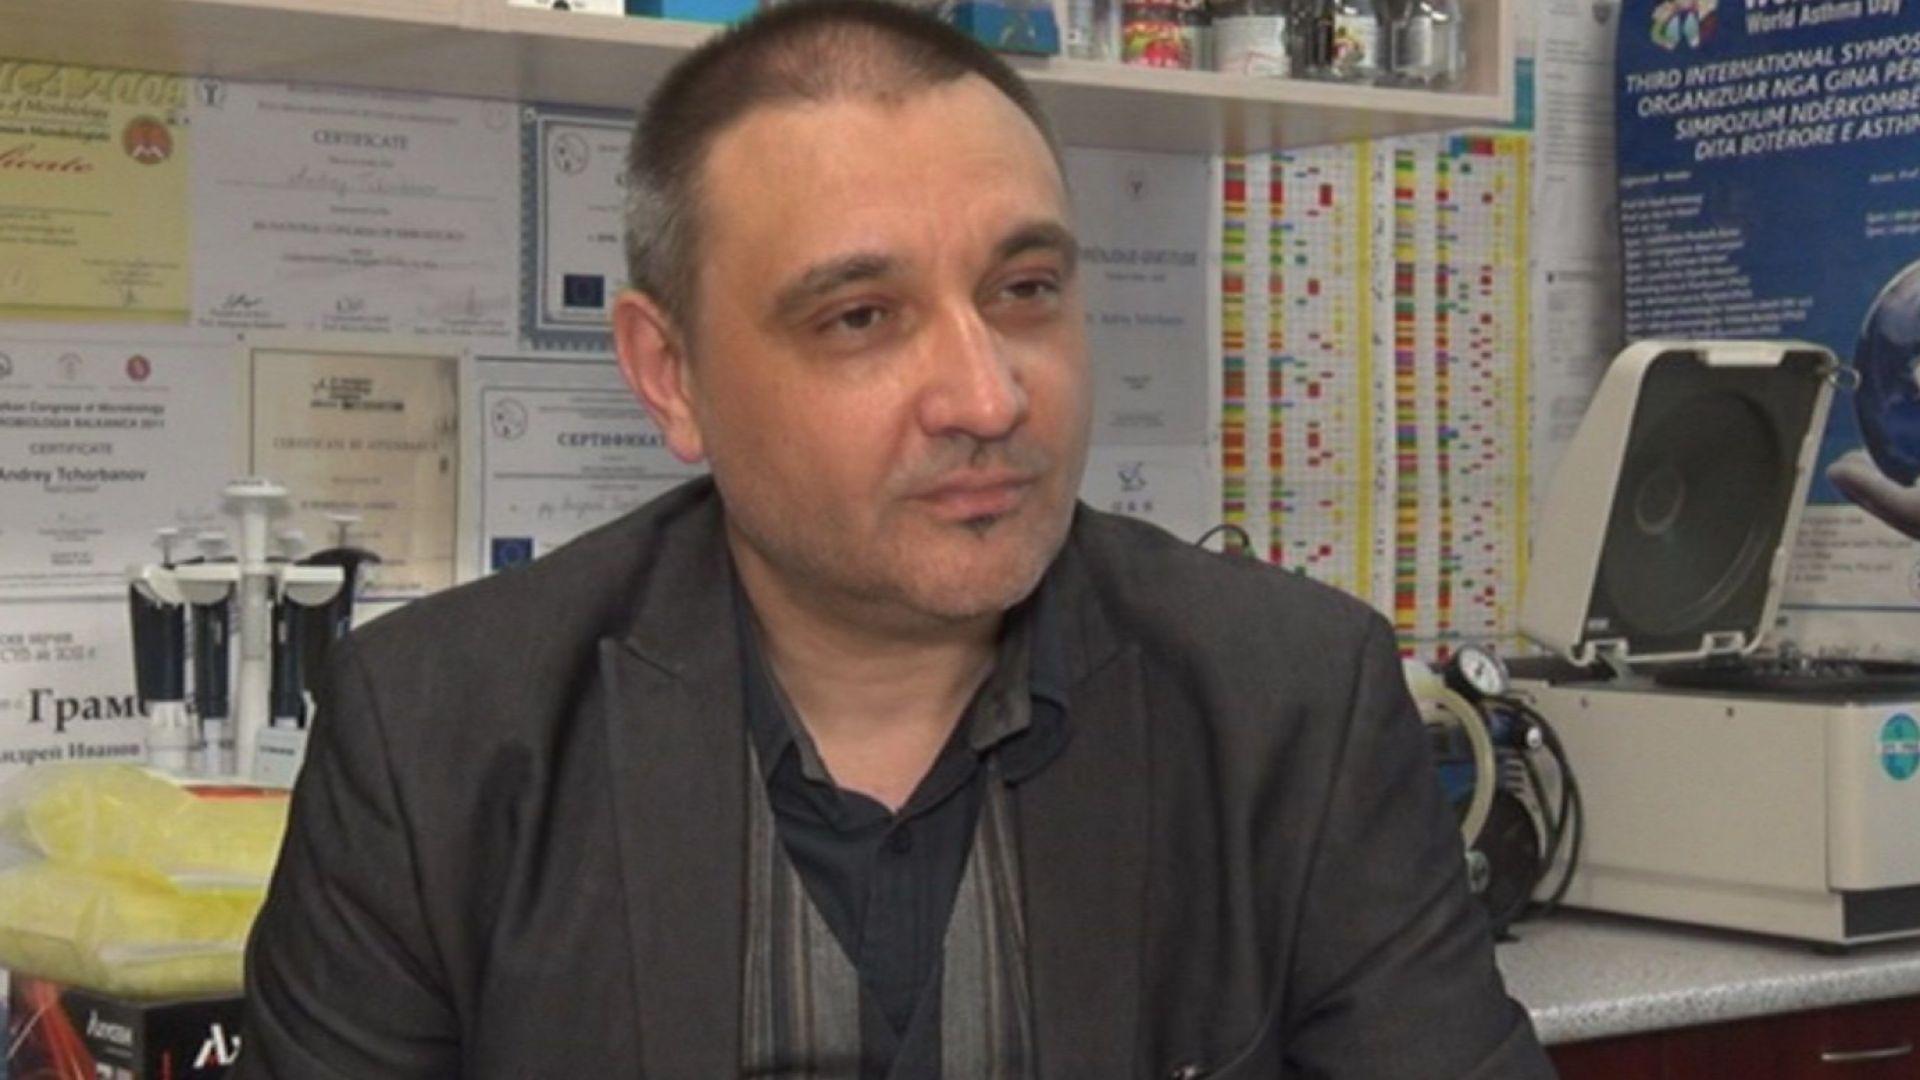 Доц. Чорбанов от БАН: Смъртността от коронавирус в Швеция е почти нула